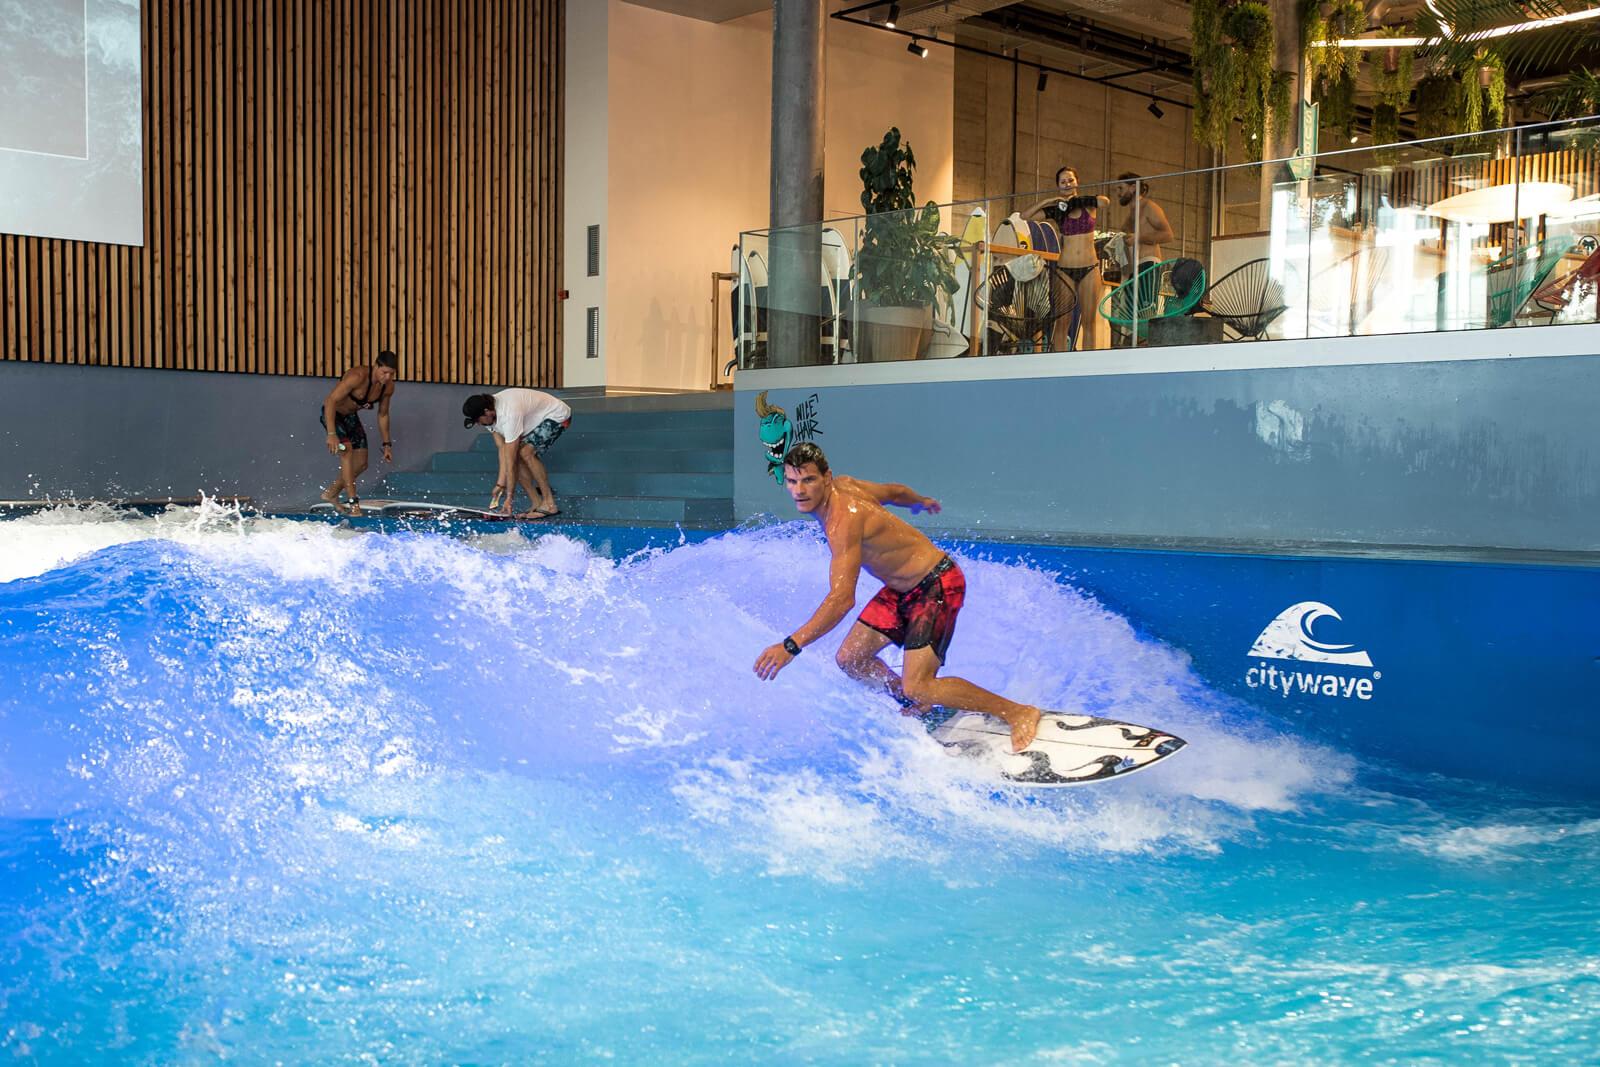 Oana Citywave Indoor Surfing in Switzerland